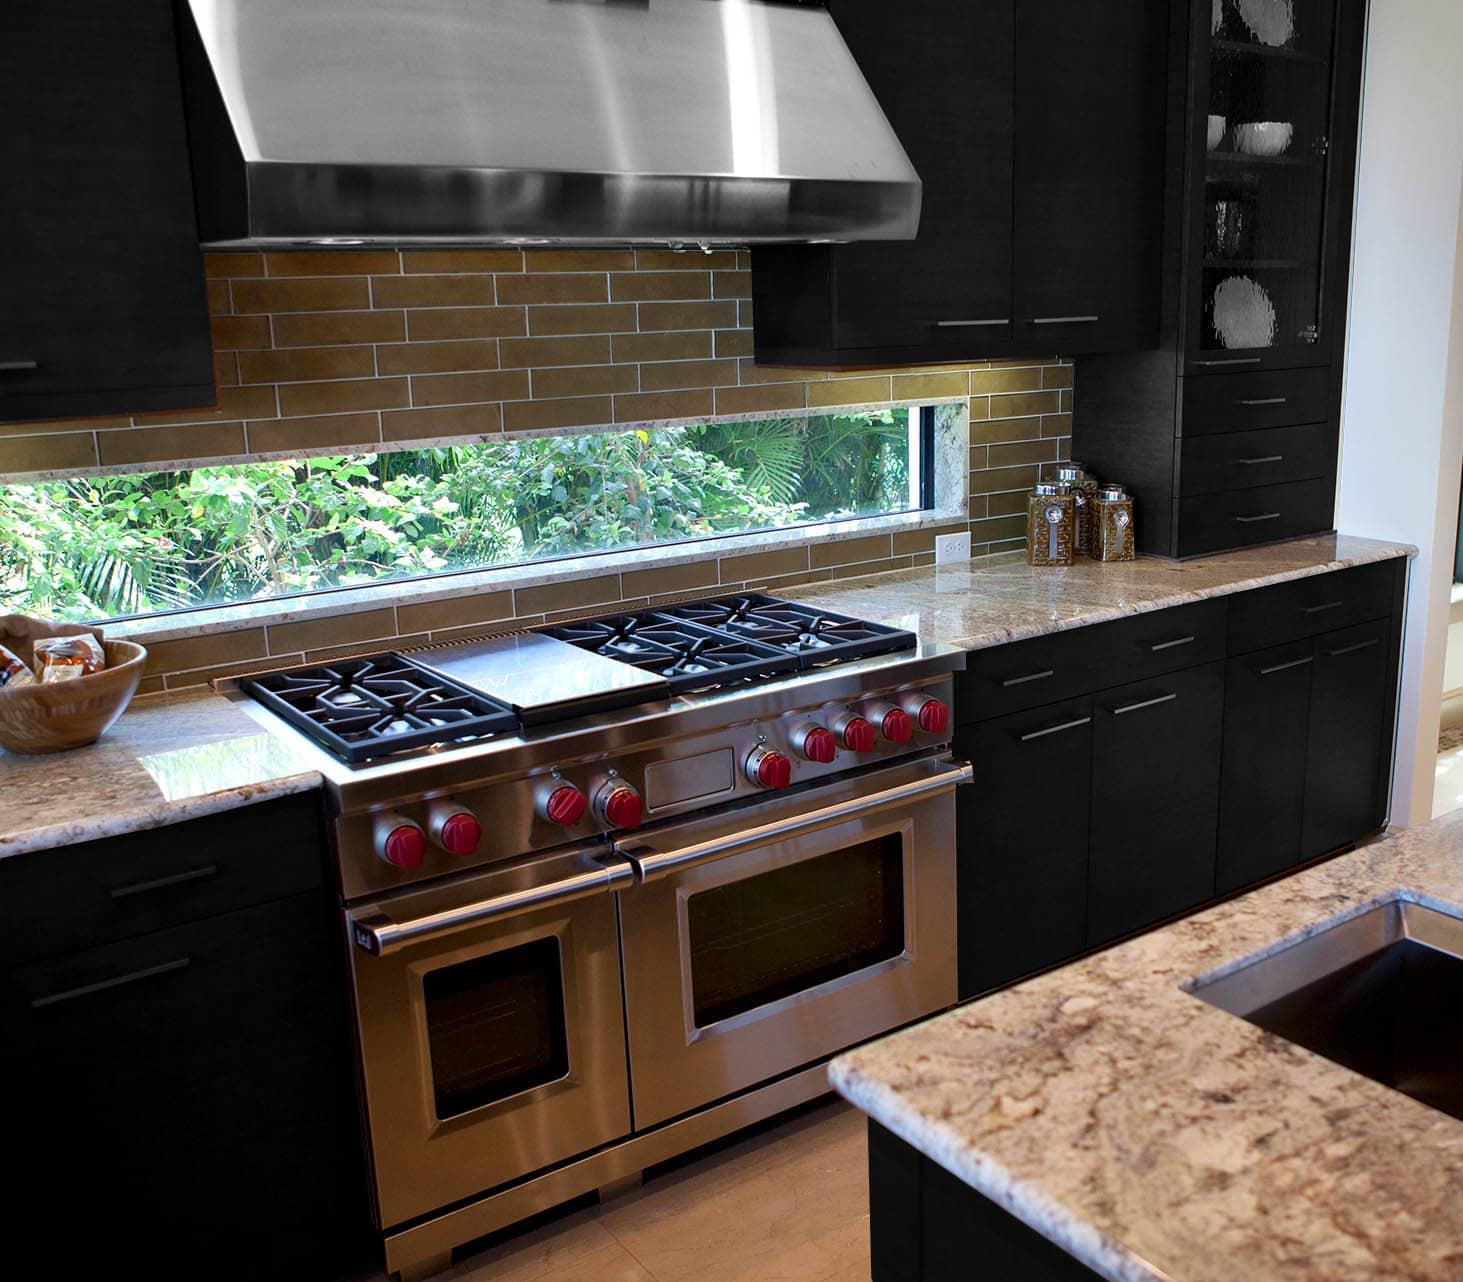 מטבחים מעץ מכירת אביזרים למטבחים מומחים בתחומם עם מתן אחריות לעבודתם שיודעים לתת אחריות לעבודתם תוך כדי הפעלת המקרר והתנור ללקוח במטבח שלו